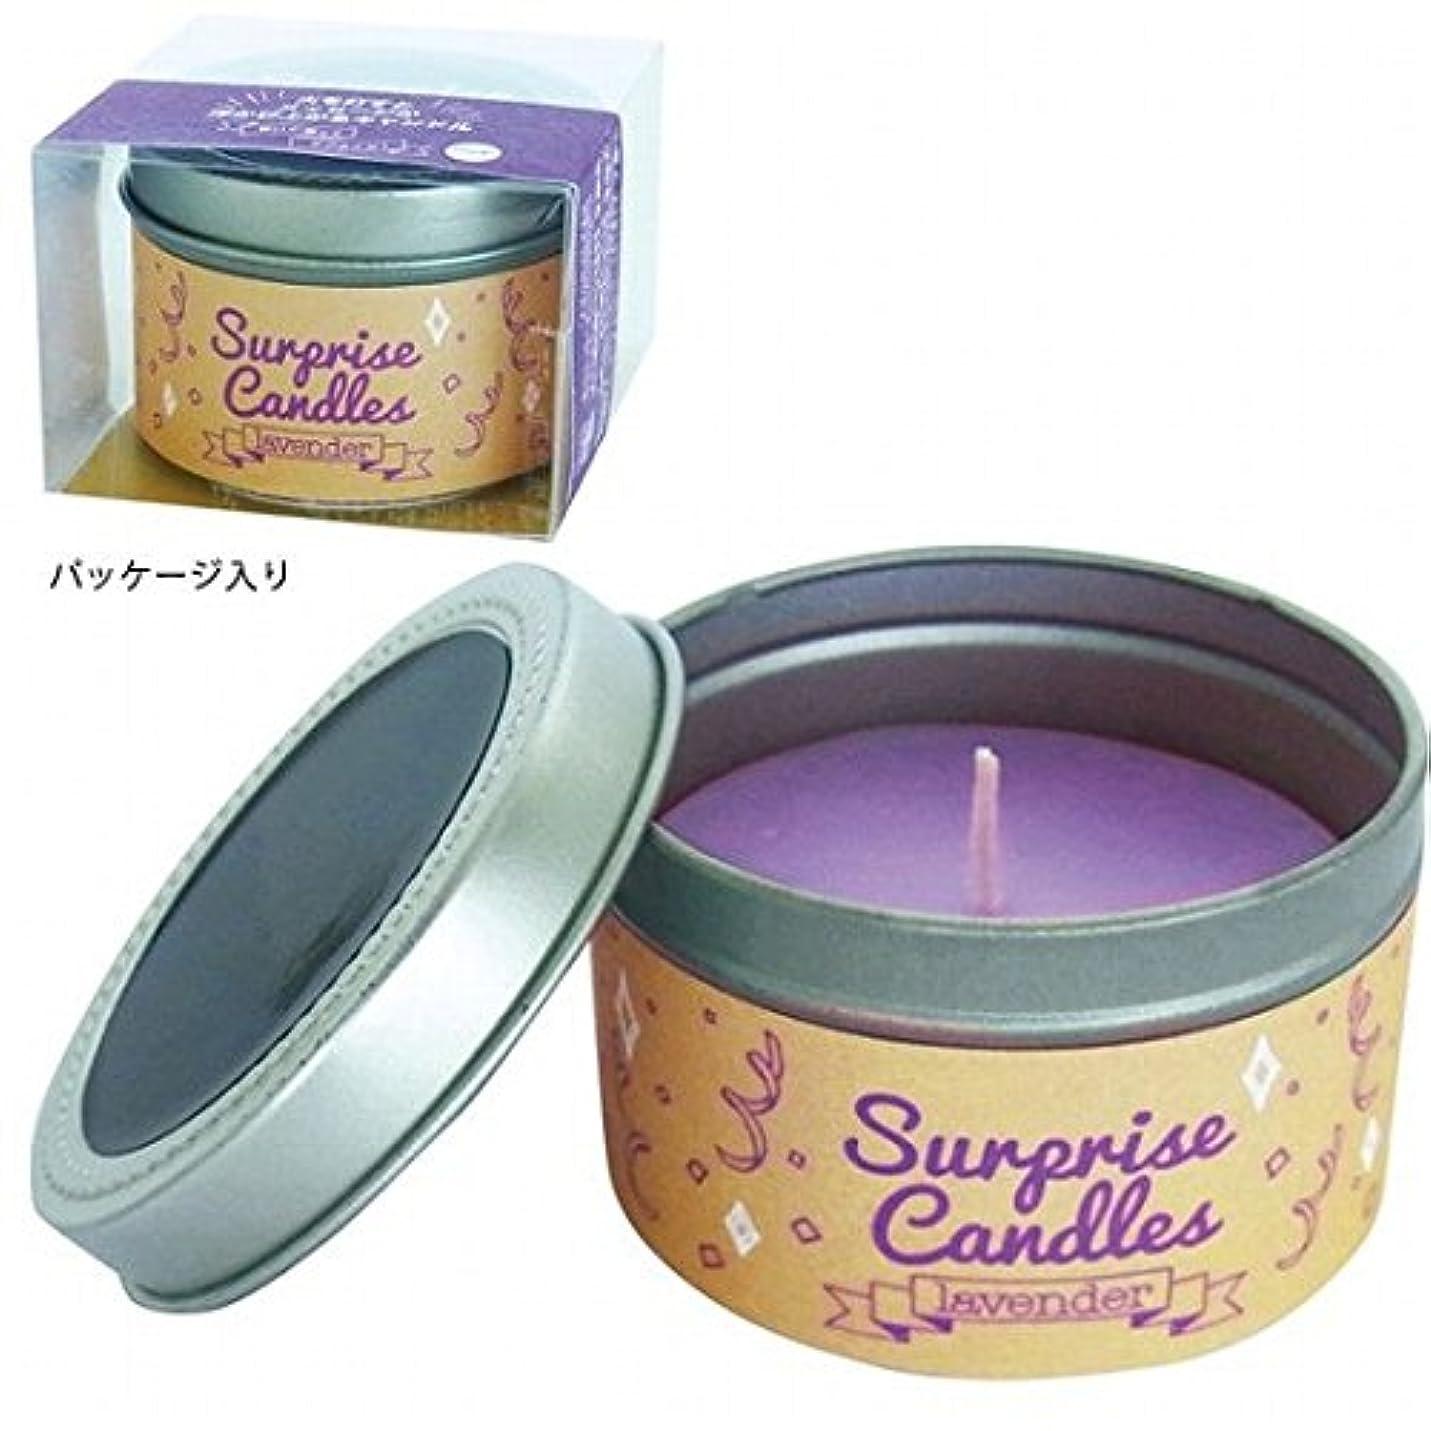 心配ホールド盗難カメヤマキャンドル(kameyama candle) サプライズキャンドル 「ラベンダー」